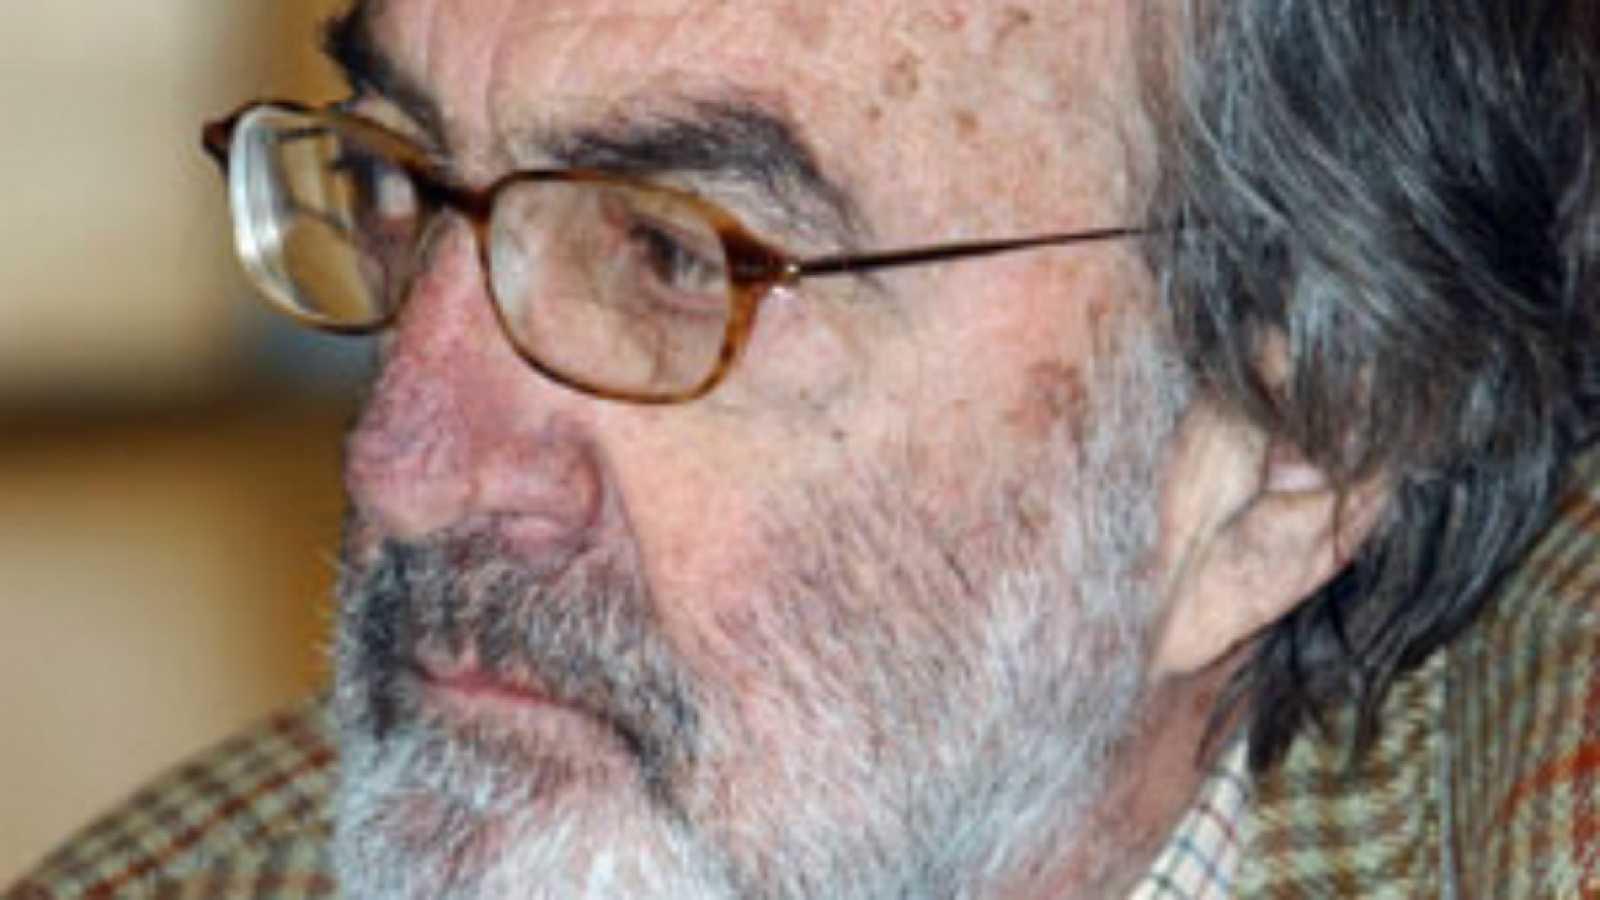 Documentos RNE - Javier Pradera, la autoridad en la sombra del poder - 05/06/20 - escuchar ahora